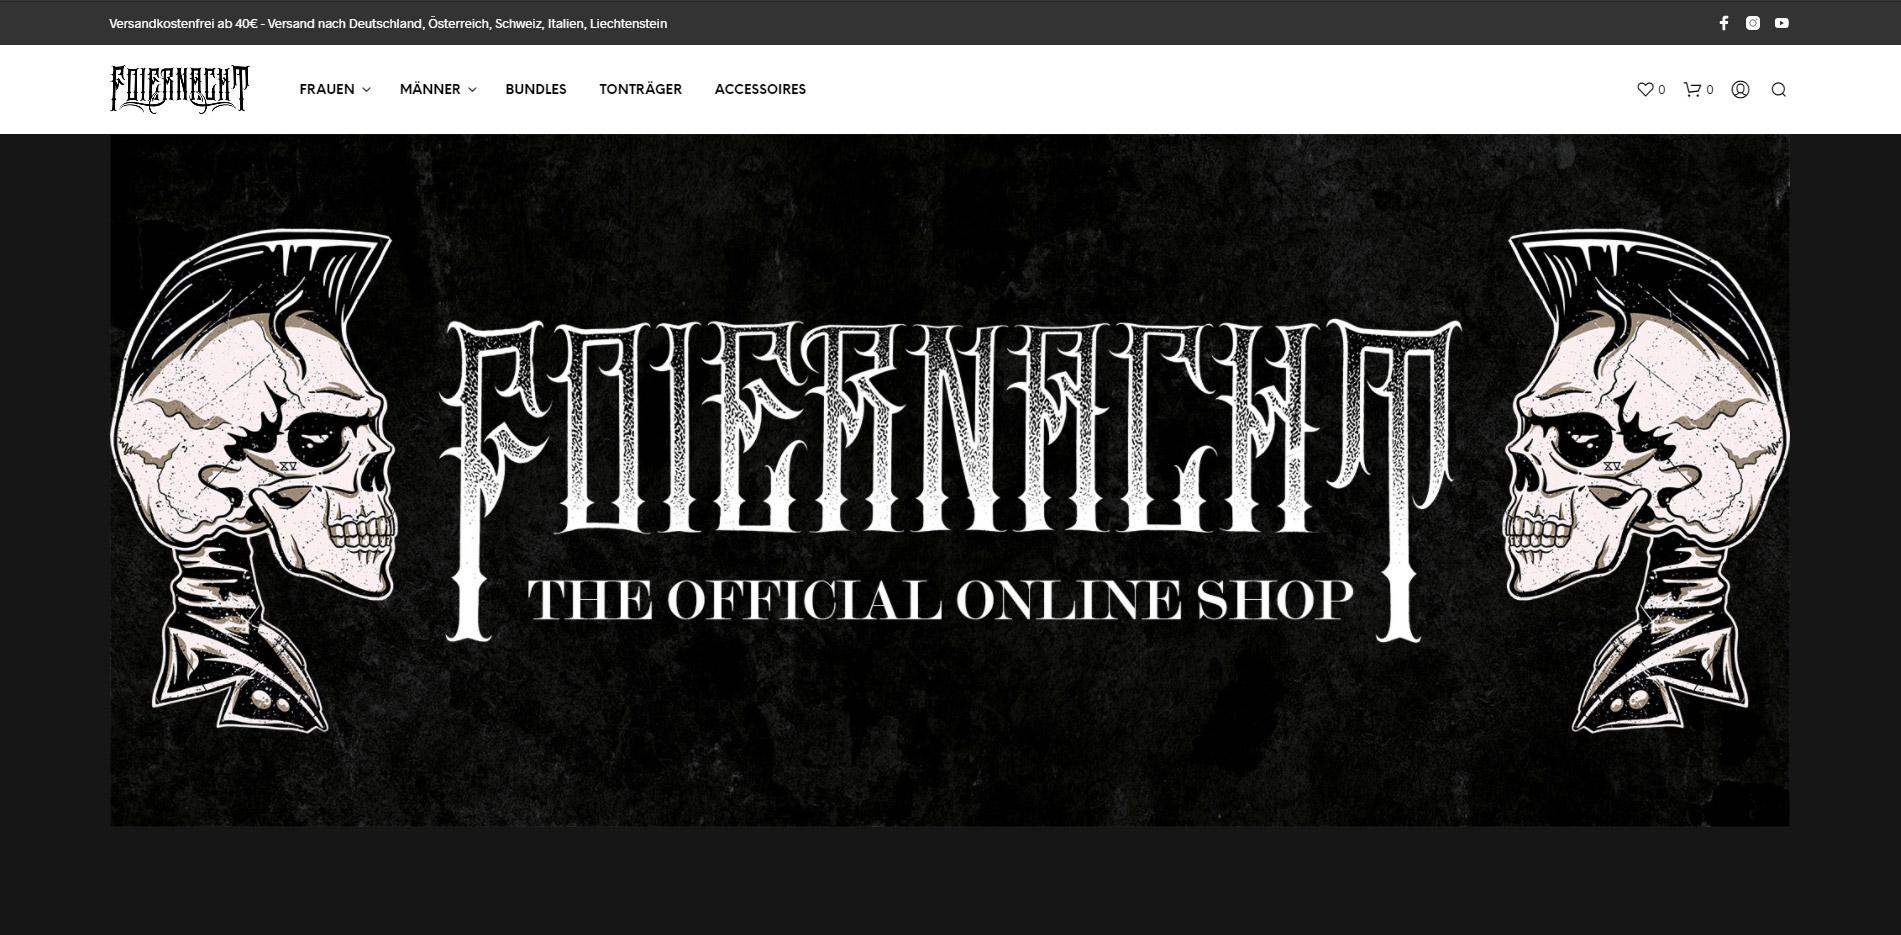 Foiernacht Onlineshop